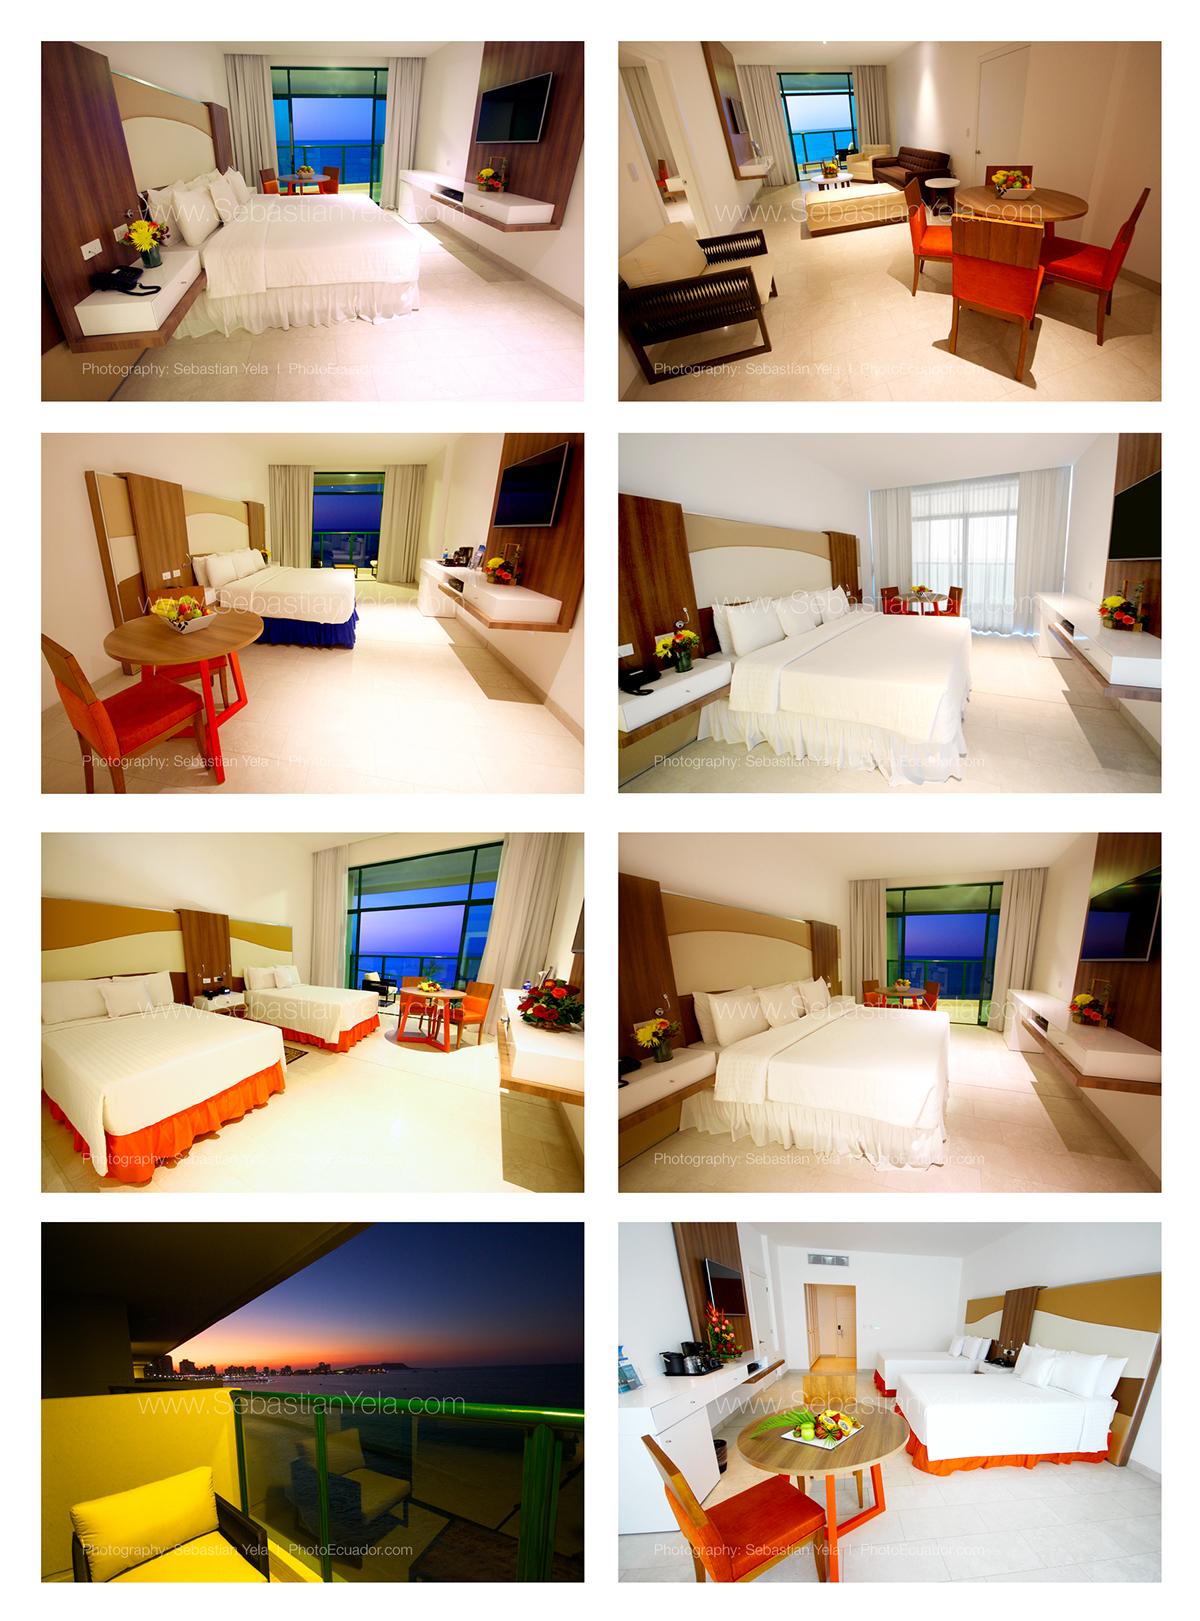 salinas Ecuador playa beach Travel hotel publicidad Photography  photo